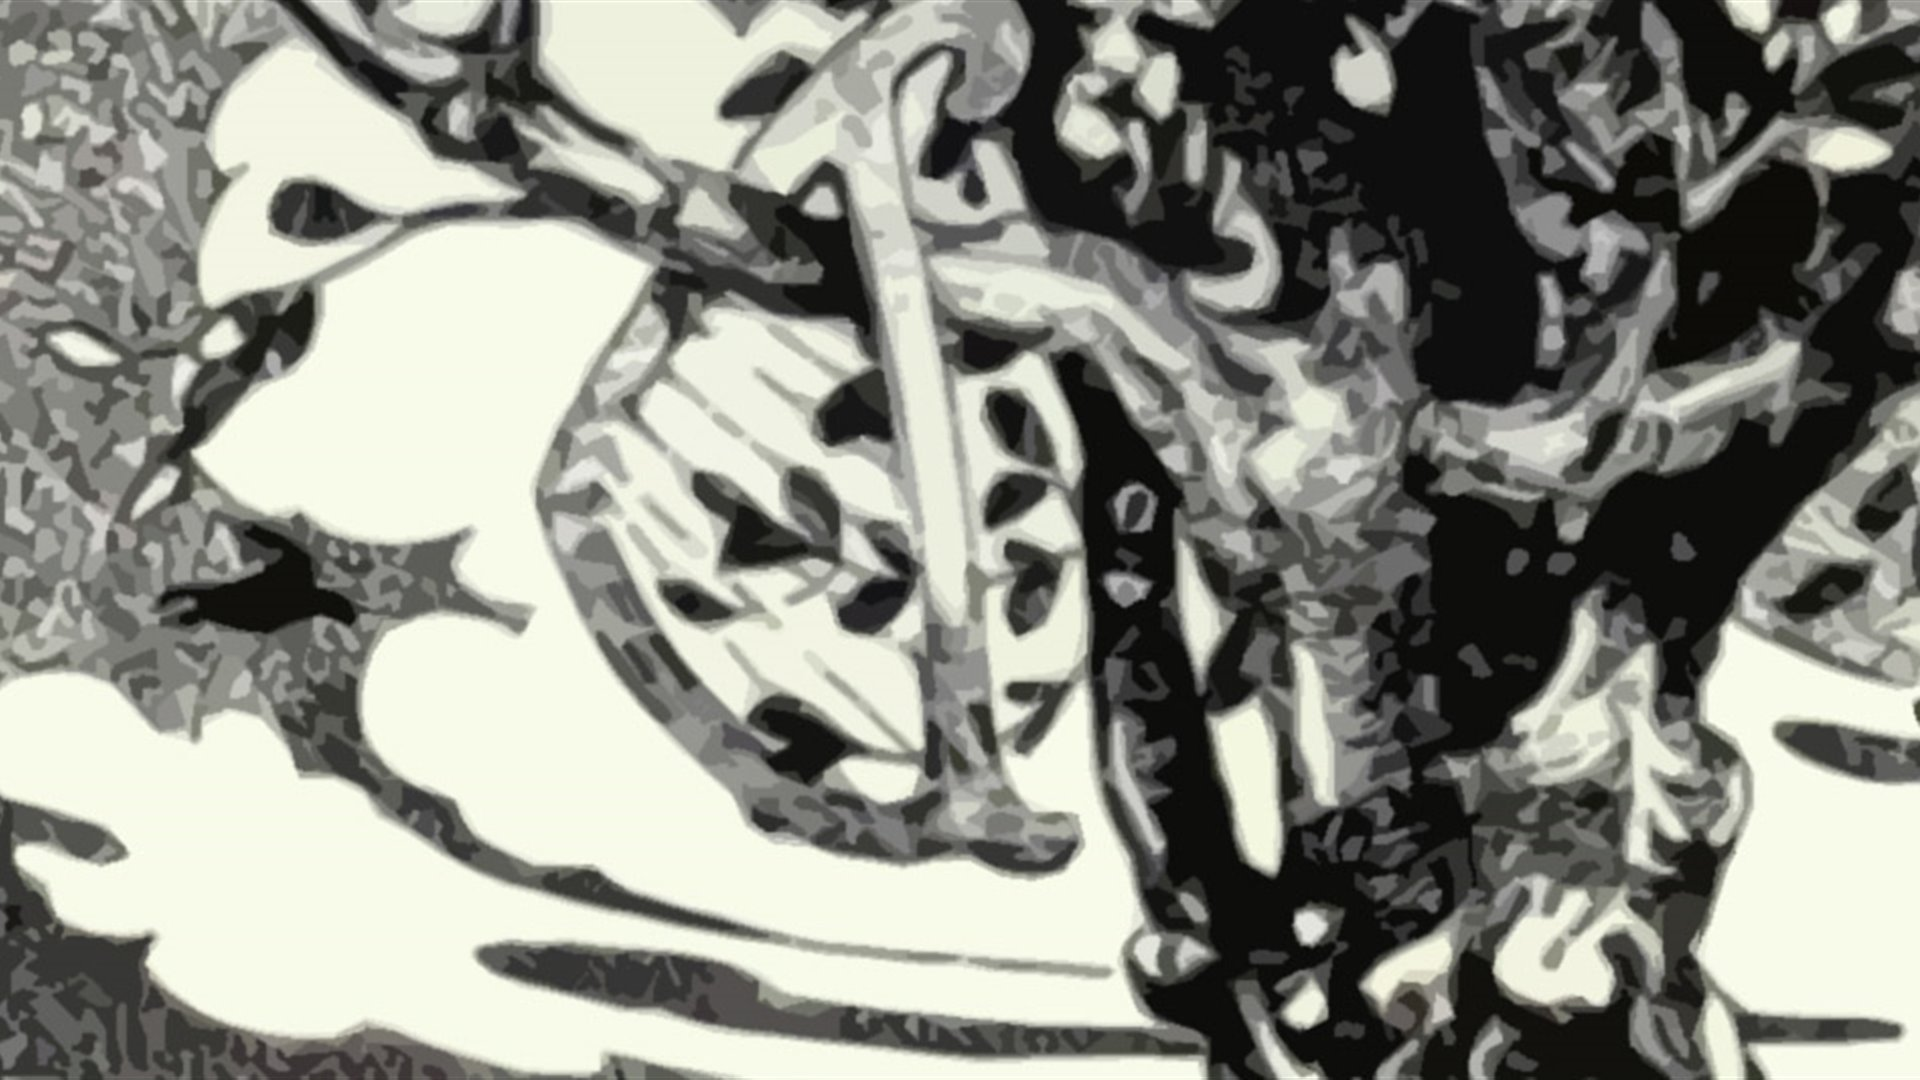 Special Concert 13. Presentation of Conrado del Campo's Catalogue of Works